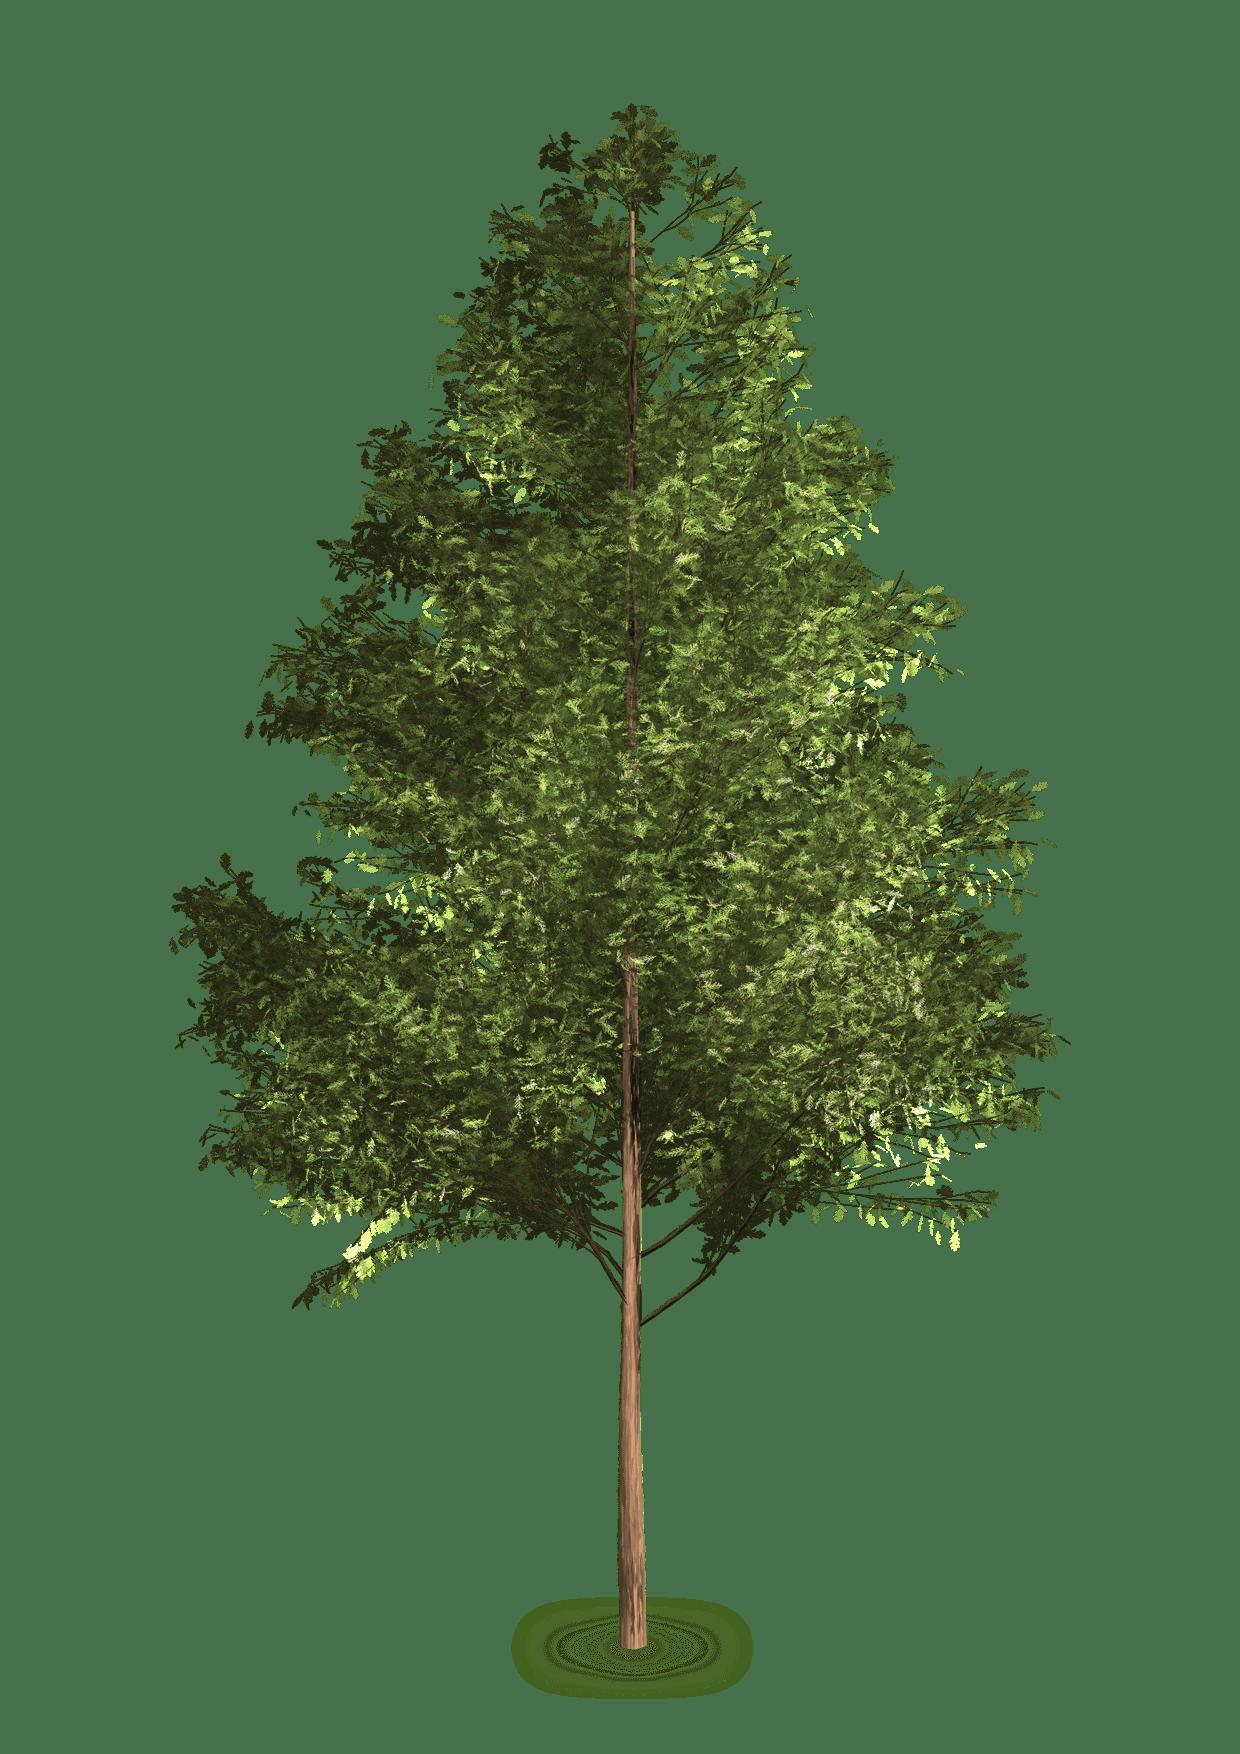 サスティナビリティの木